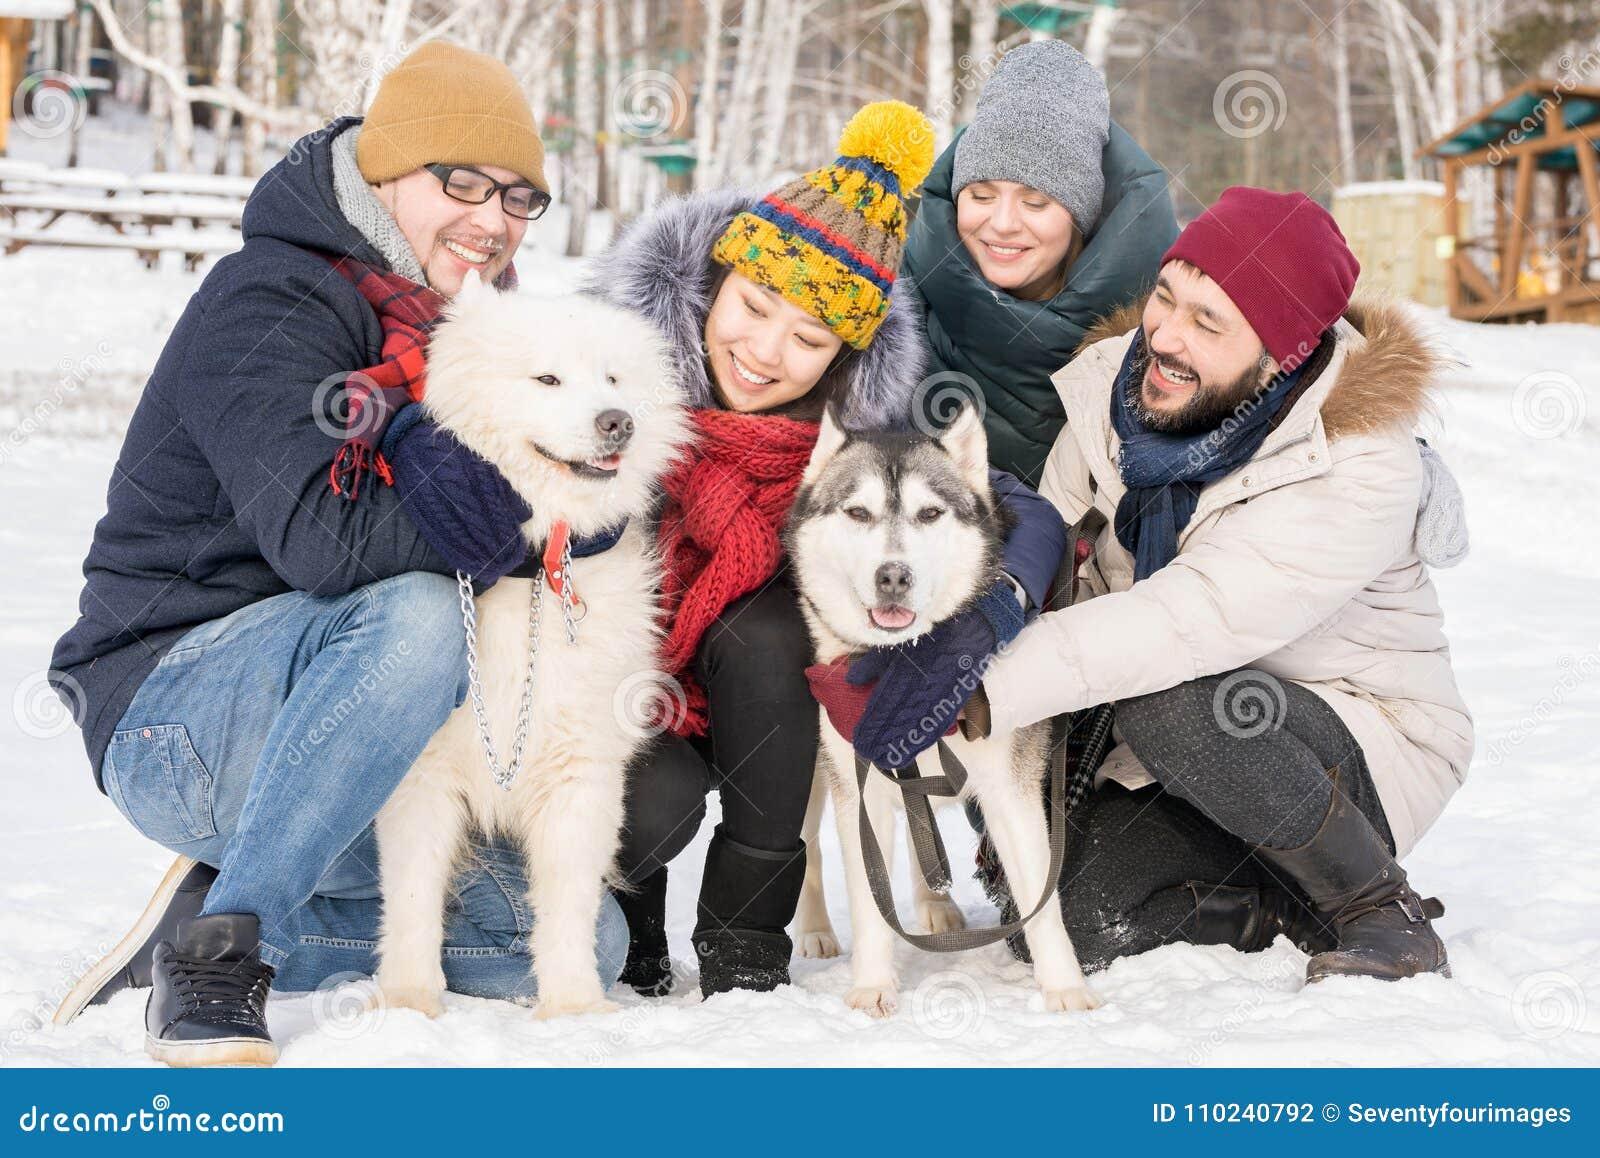 Ungdomarsom poserar med rashundar